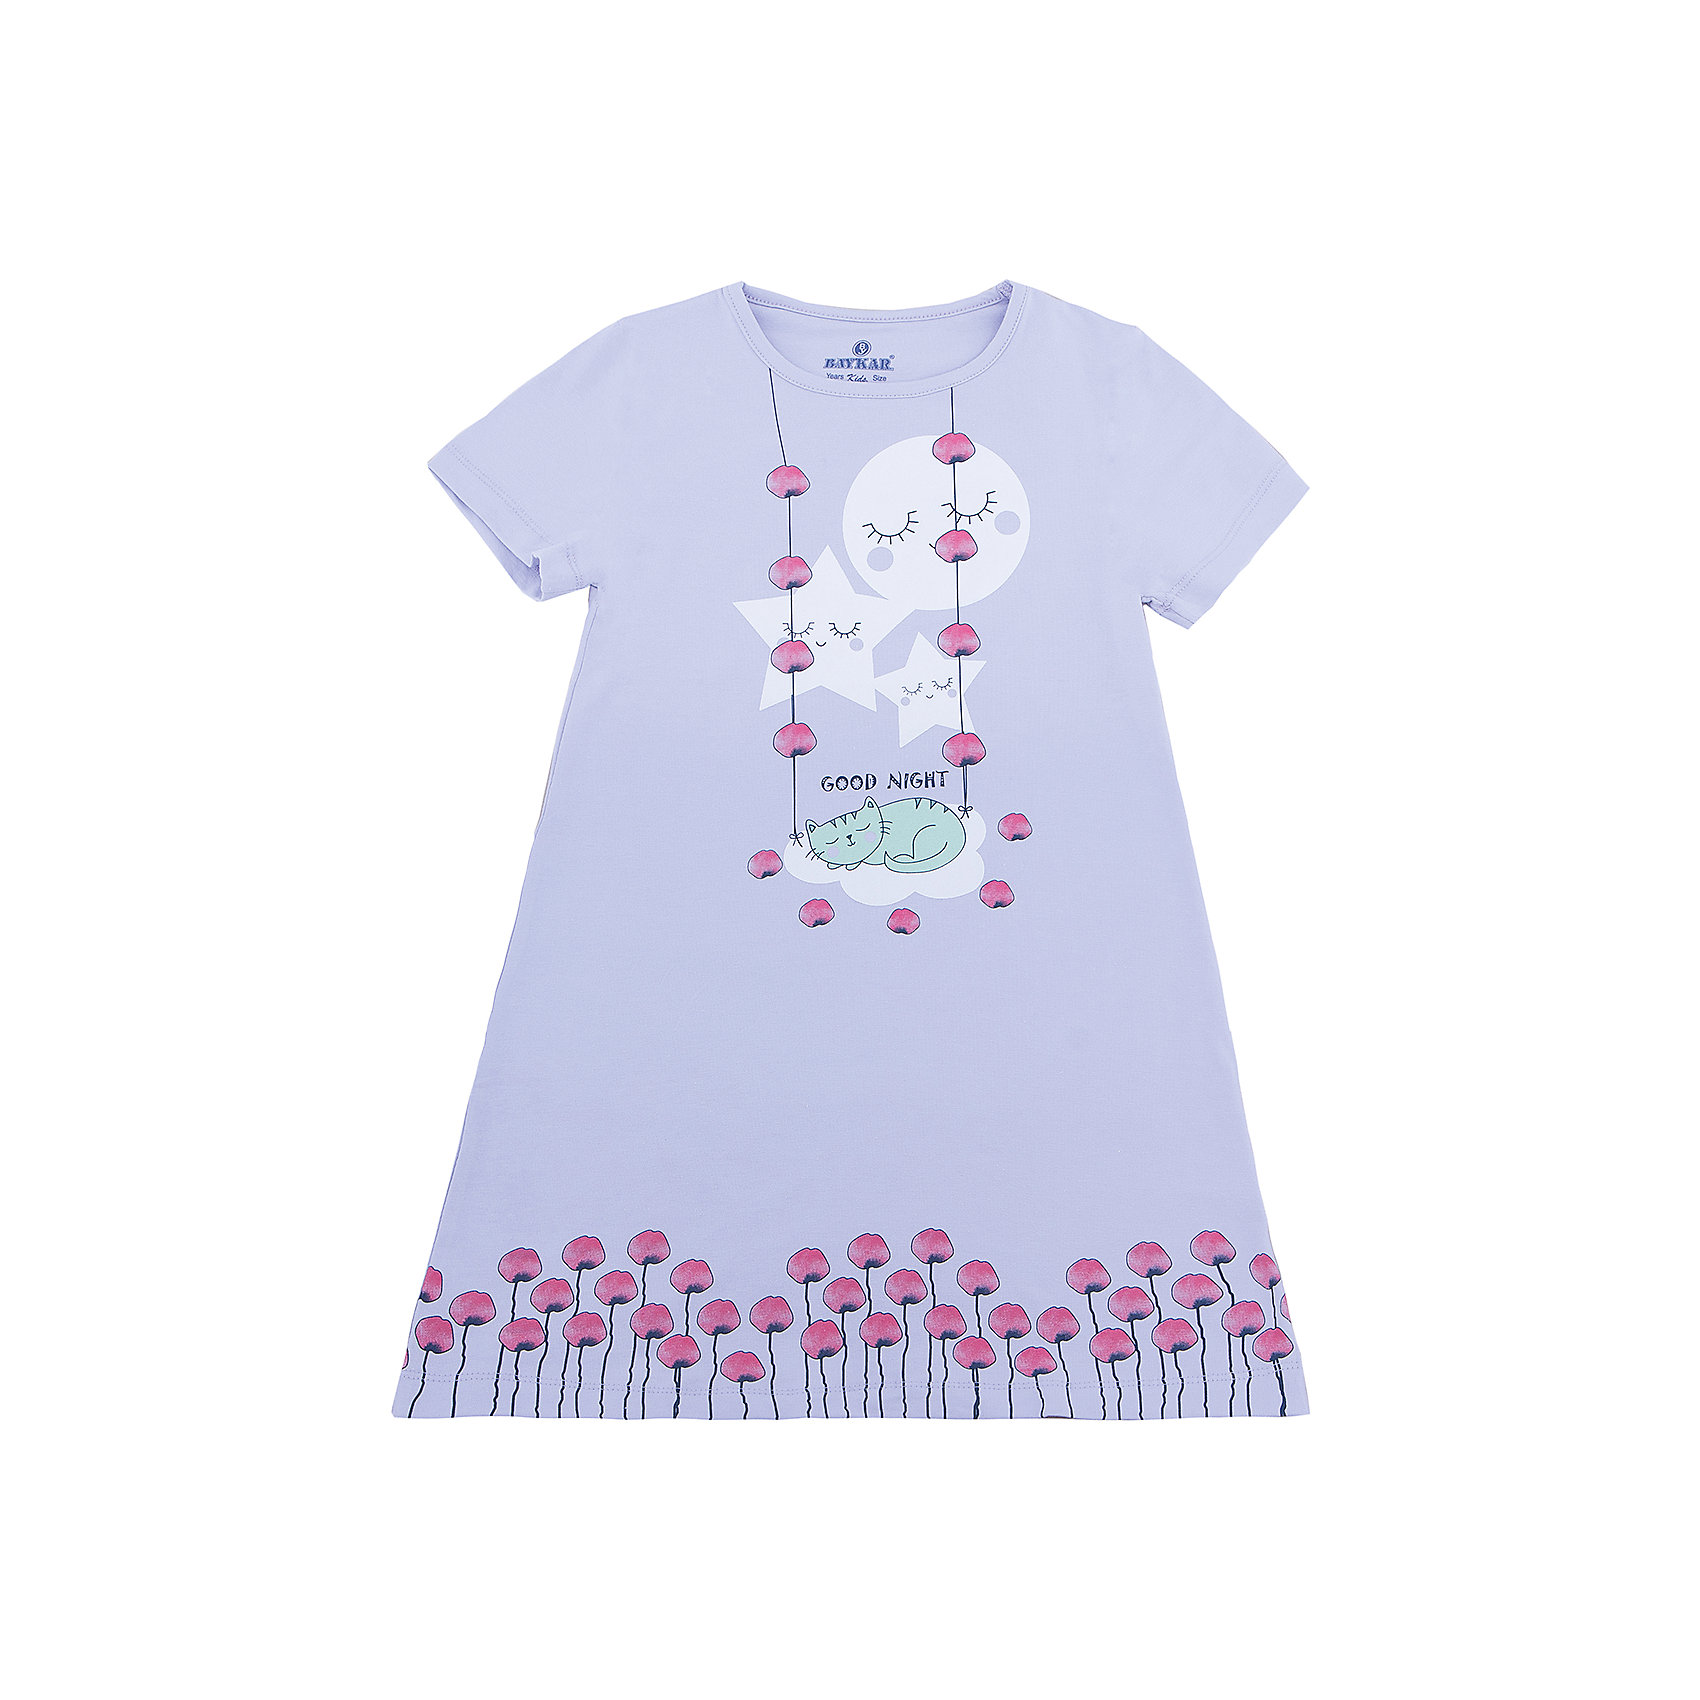 Сорочка для девочки BaykarПижамы и сорочки<br>Характеристики товара:<br><br>• цвет: розовый<br>• состав ткани: 95% хлопок; 5% эластан<br>• короткие рукава<br>• сезон: круглый год<br>• страна бренда: Турция<br>• страна изготовитель: Турция<br><br>Удобная сорочка для девочки Baykar украшена симпатичным принтом. Такая комфортная одежда для сна сделана из мягкого дышащего материала. <br><br>Продуманный крой обеспечивает комфортную посадку. Розовая сорочка для девочки позволяет обеспечить комфортный сон.<br><br>Сорочку для девочки Baykar (Байкар) можно купить в нашем интернет-магазине.<br><br>Ширина мм: 281<br>Глубина мм: 70<br>Высота мм: 188<br>Вес г: 295<br>Цвет: розовый<br>Возраст от месяцев: 72<br>Возраст до месяцев: 84<br>Пол: Женский<br>Возраст: Детский<br>Размер: 116/122,98/104,104/110,110/116<br>SKU: 6764871